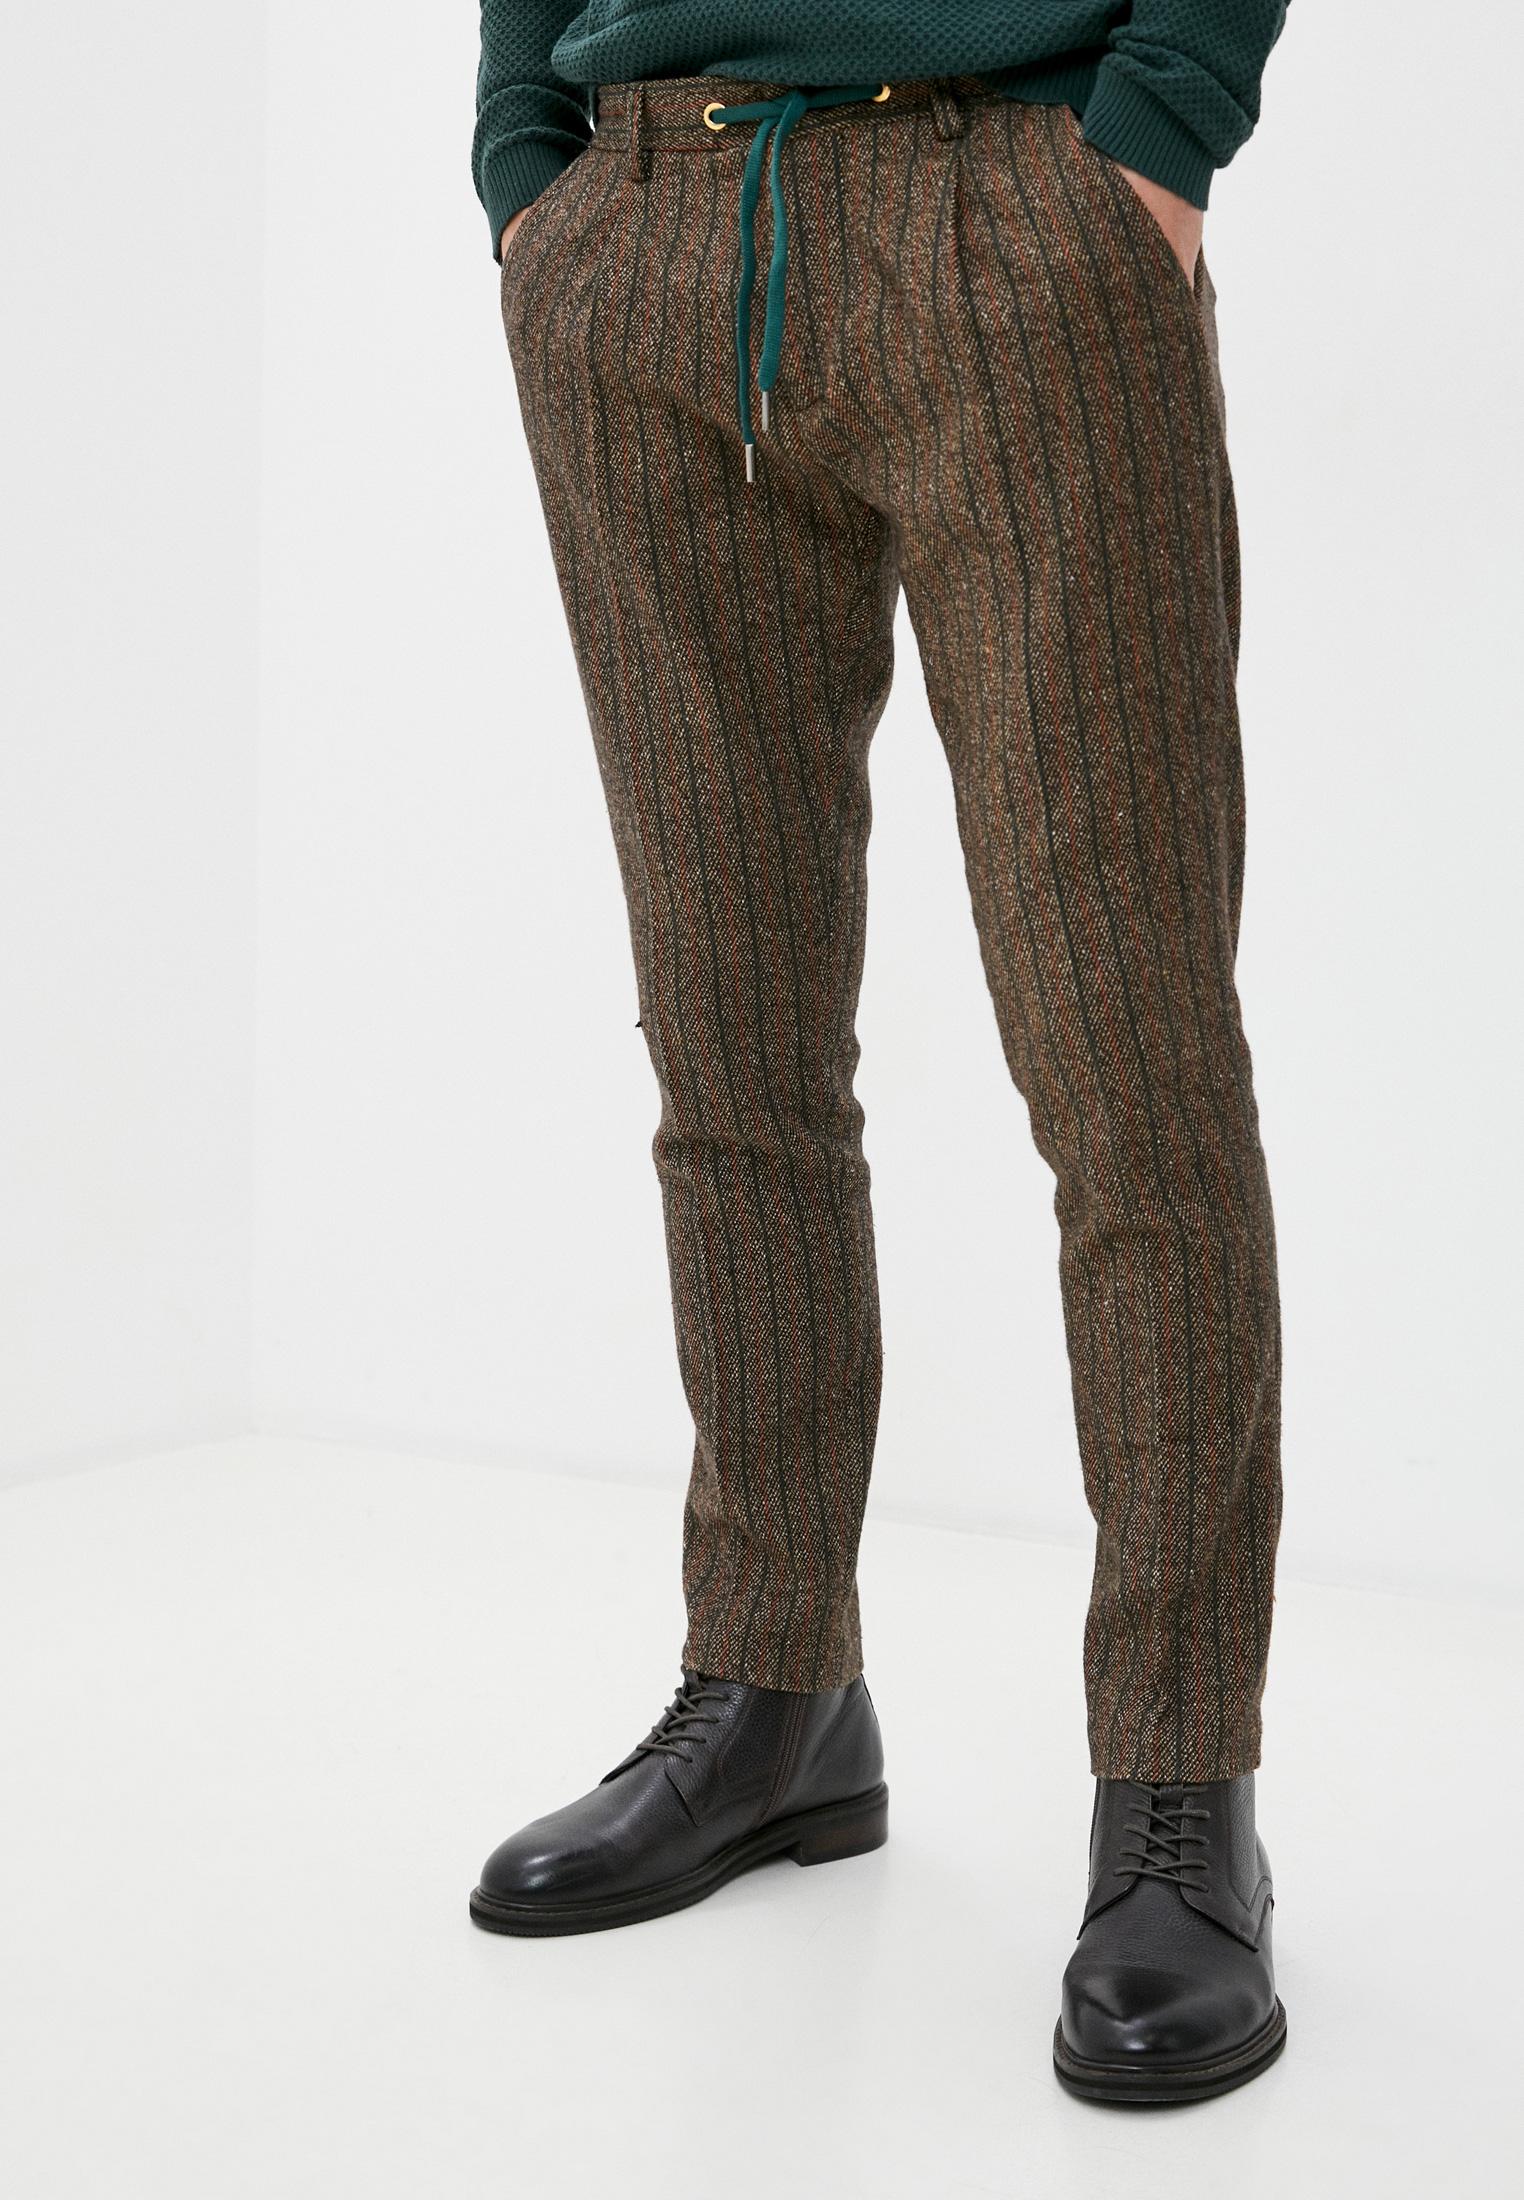 Мужские повседневные брюки Paul Martin's AI196633